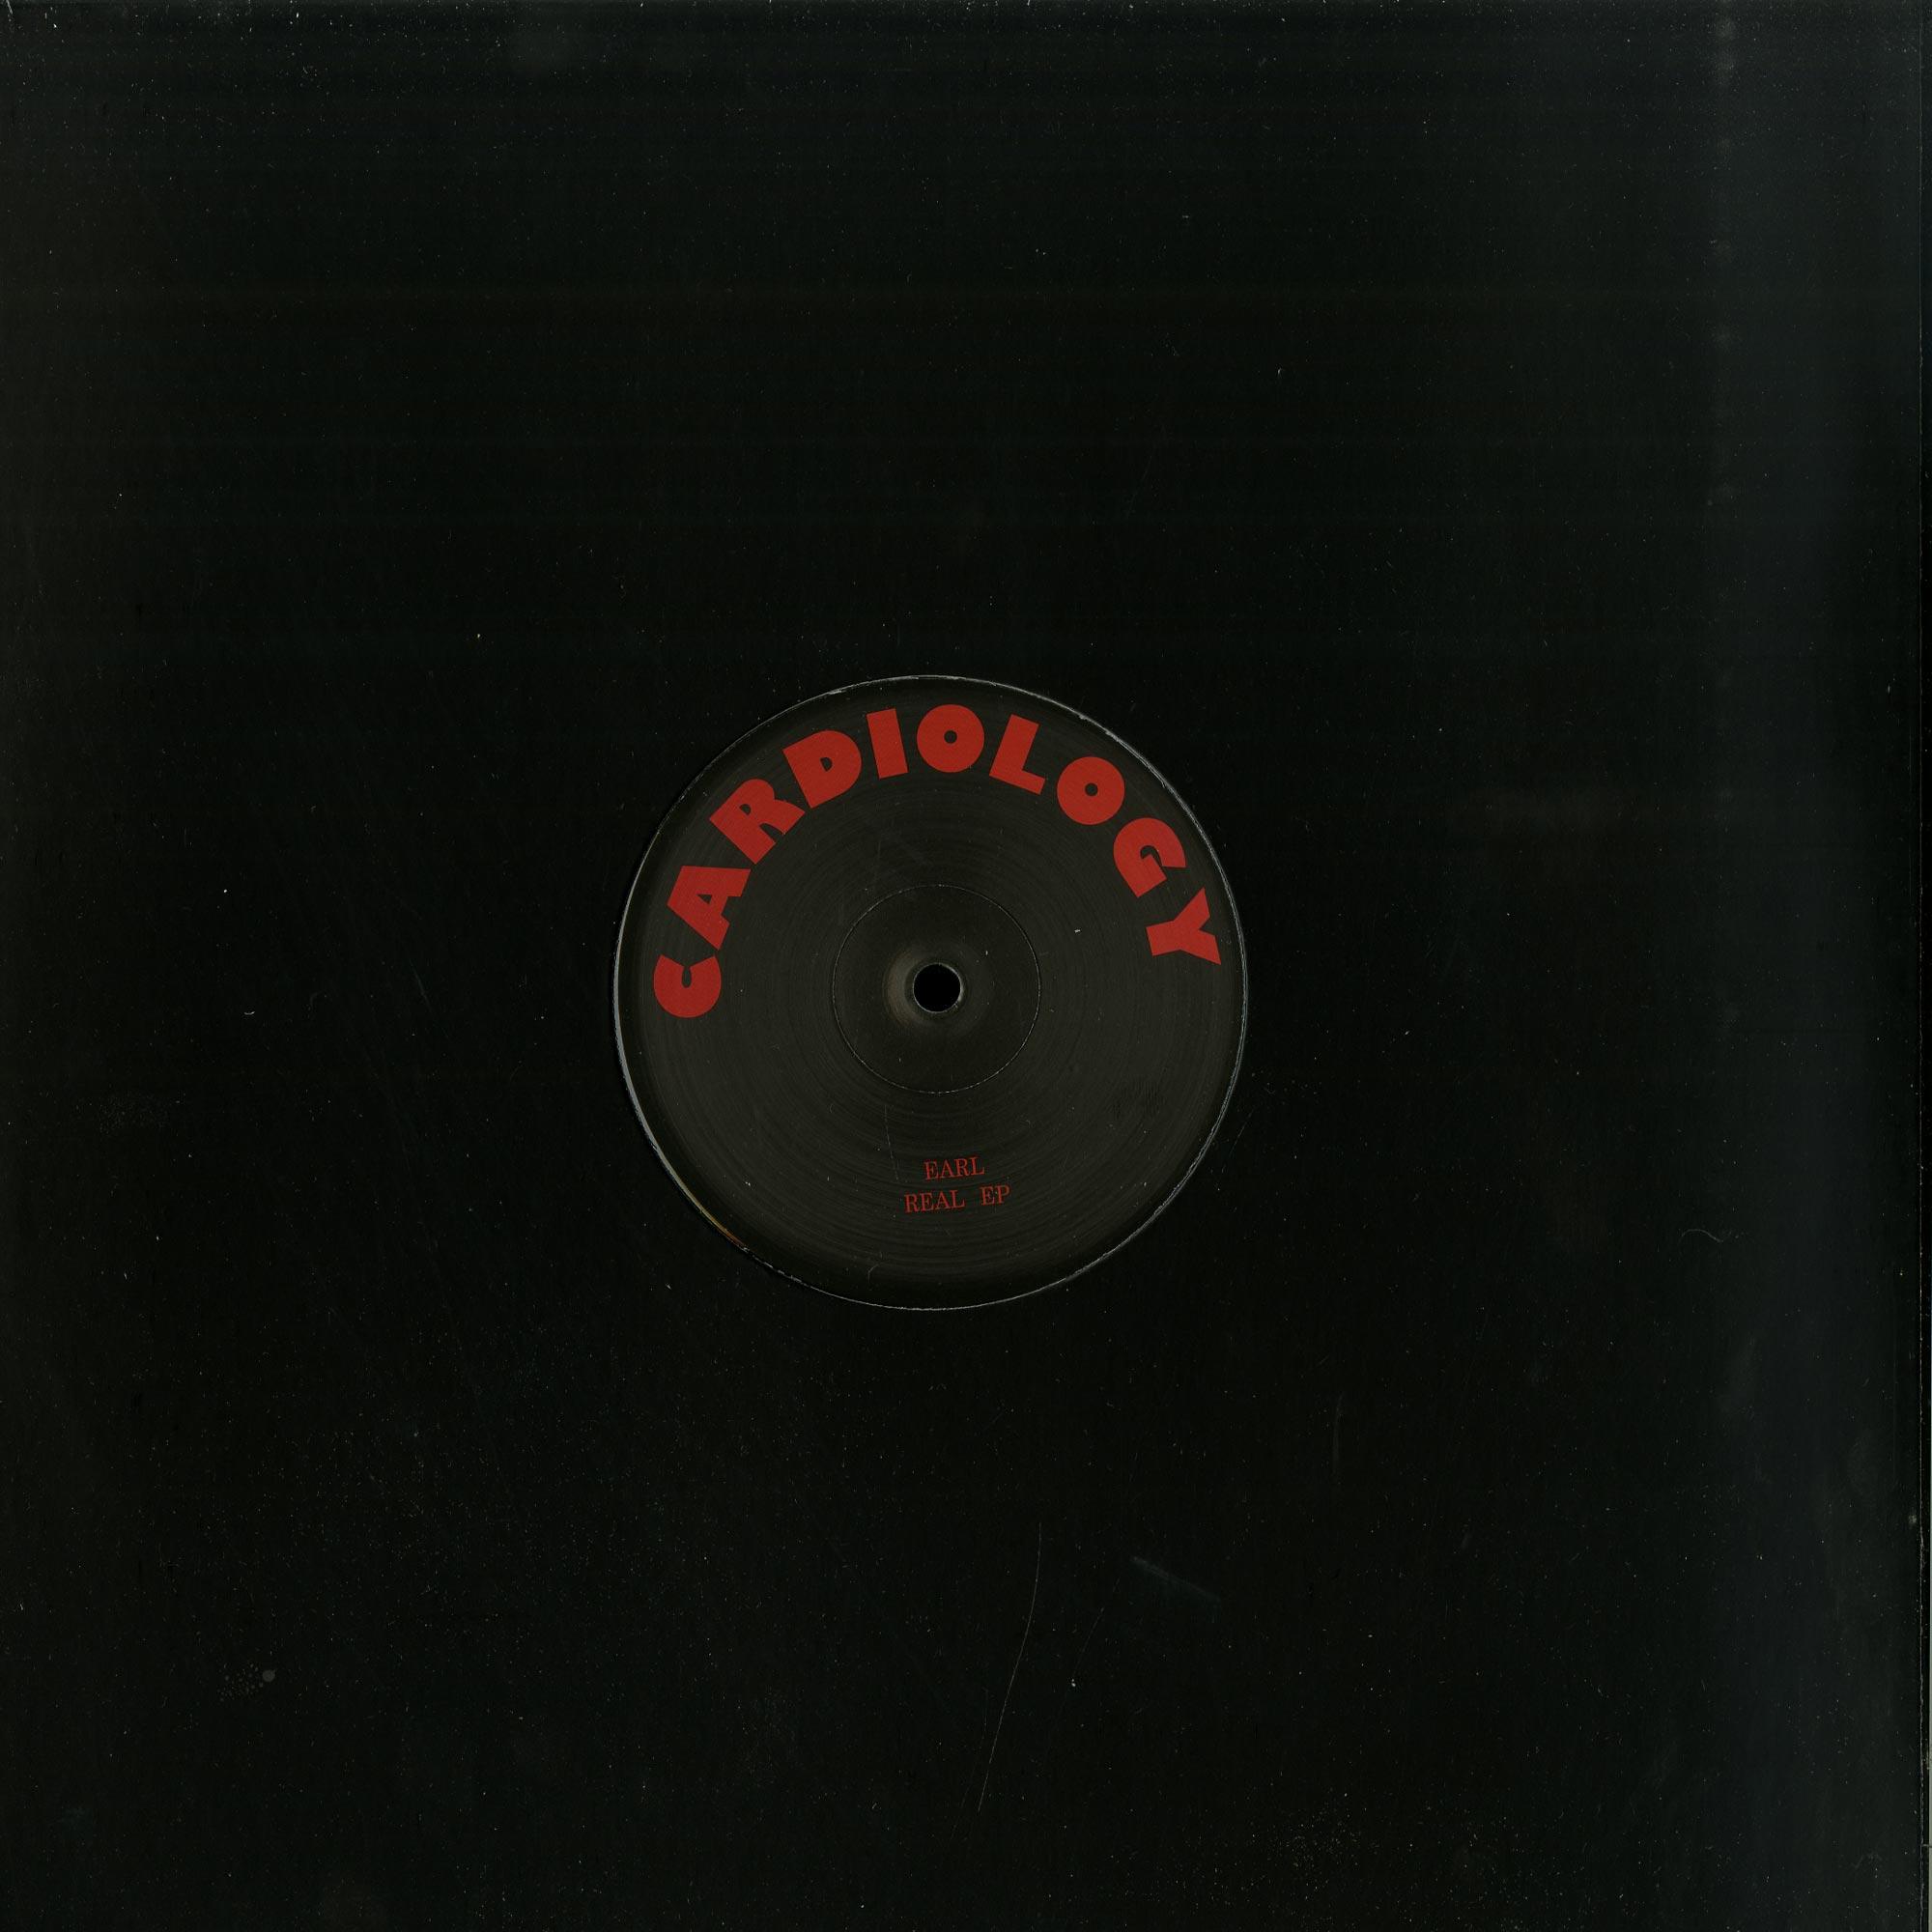 Earl - REAL EP